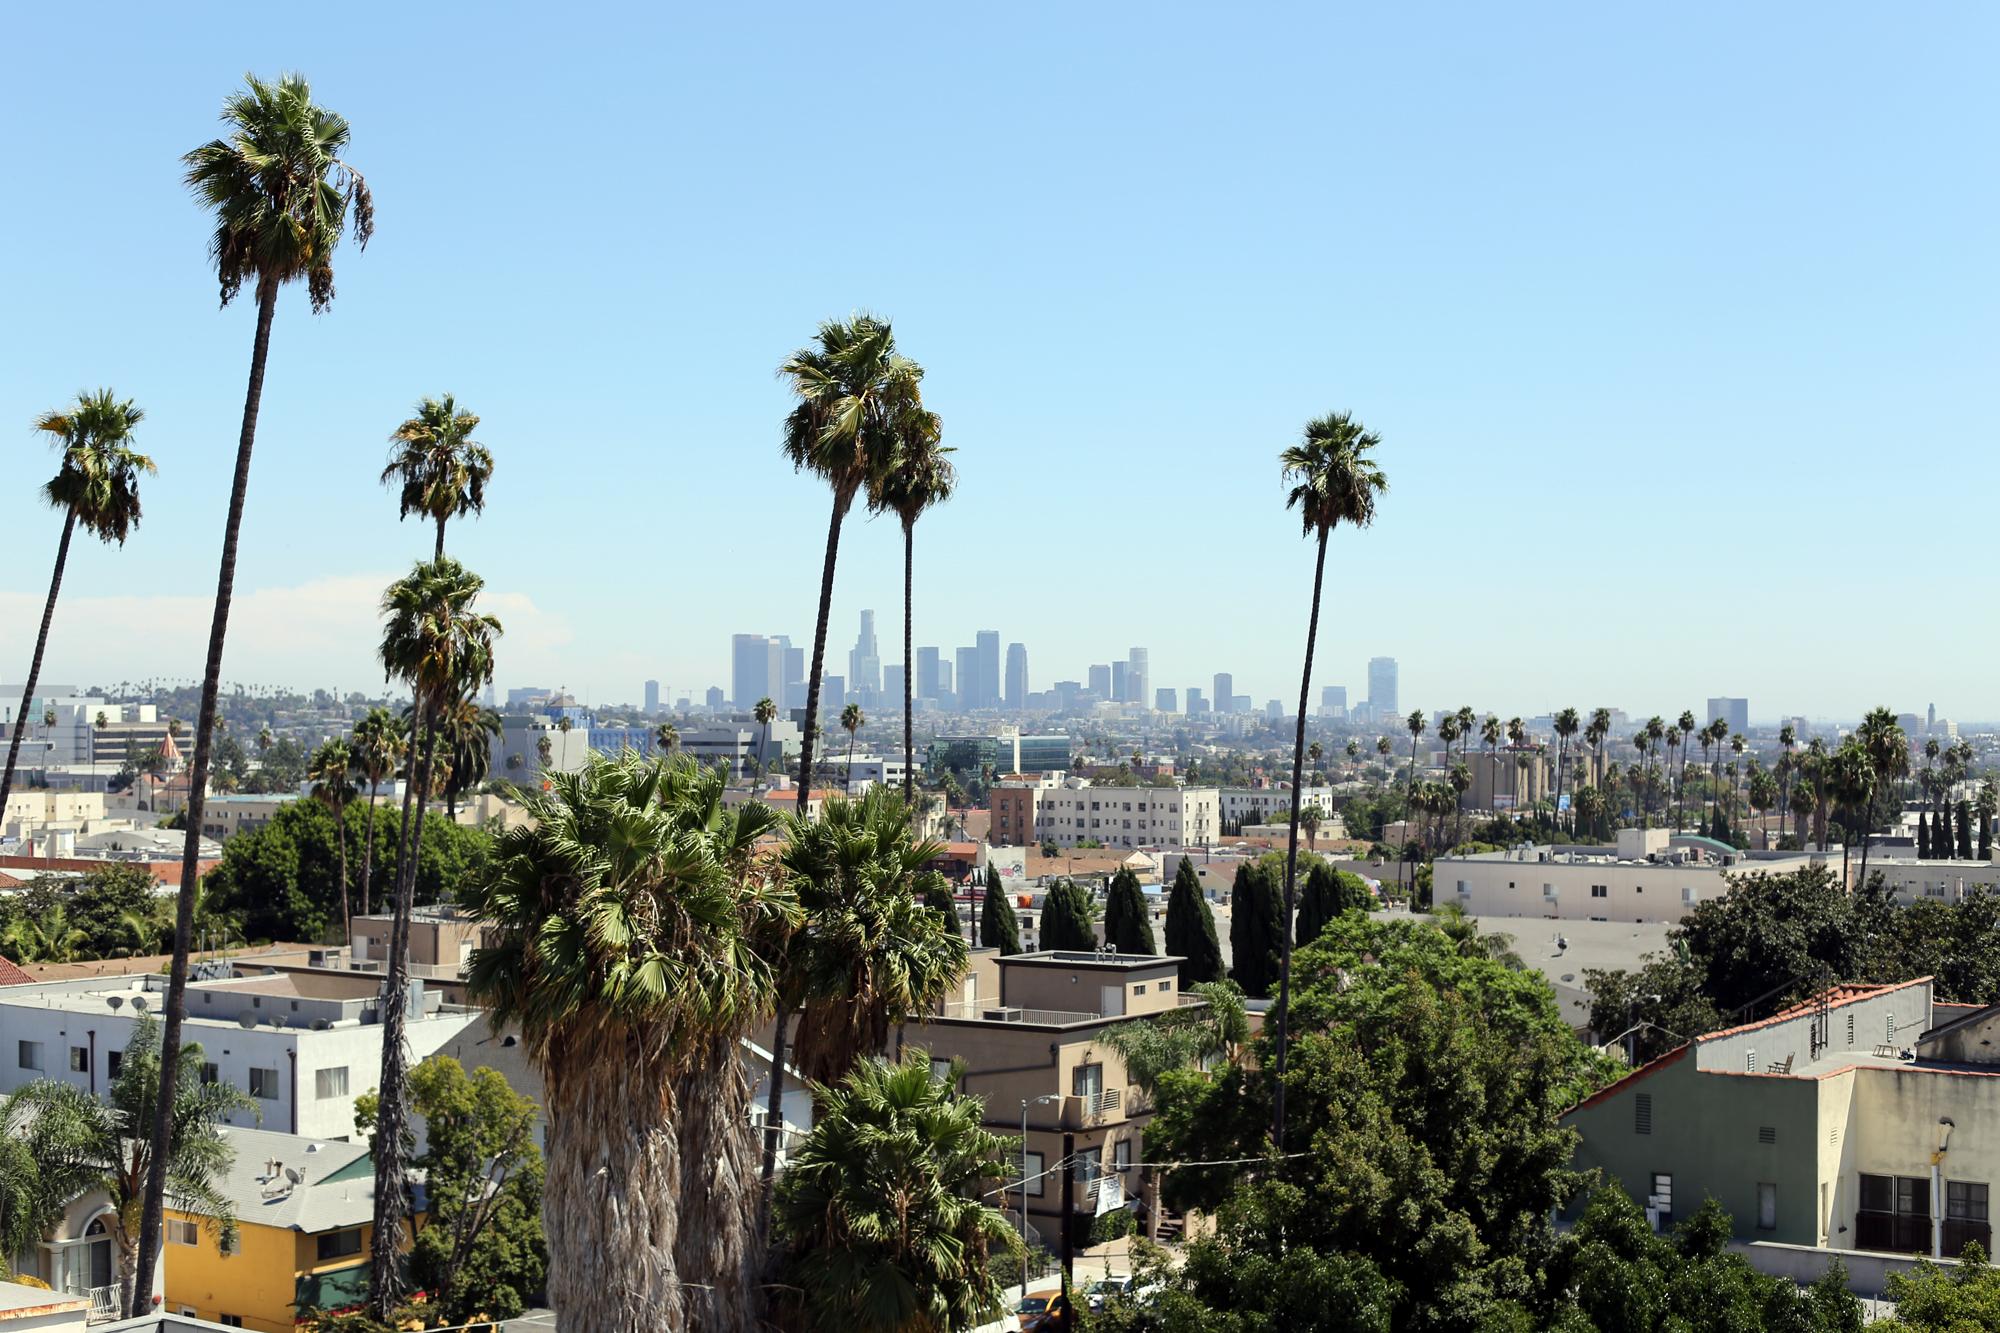 站在张爱玲故居楼顶瞭望洛杉矶市中心。 朱晓闻 摄